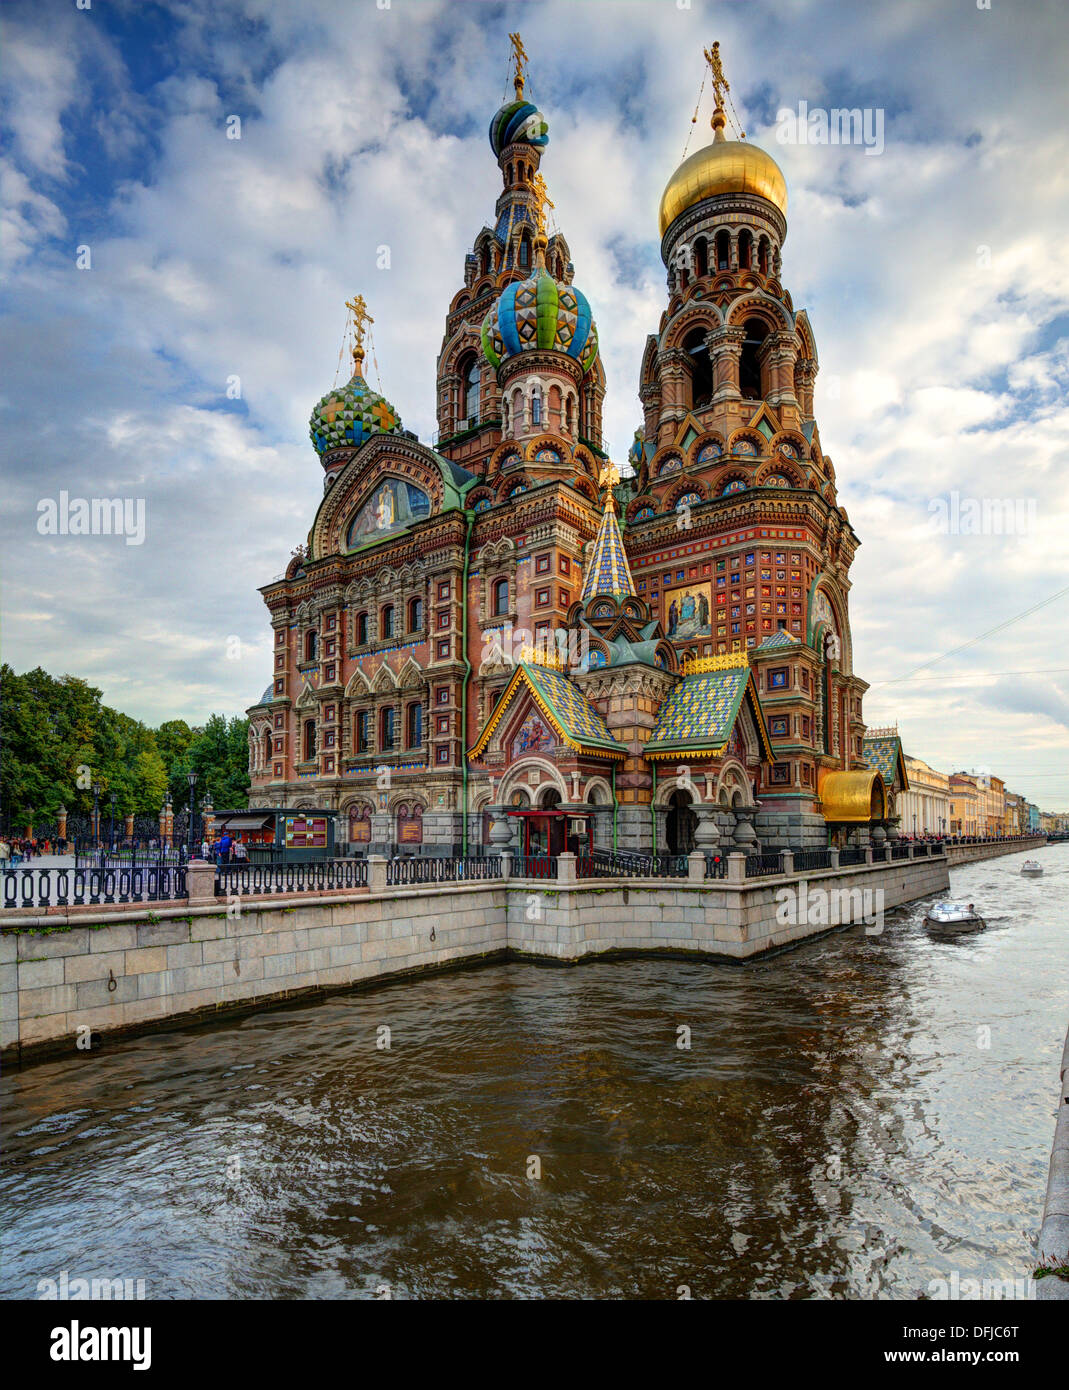 Iglesia del Salvador sobre la sangre en San Petersburgo, Rusia. Imagen De Stock